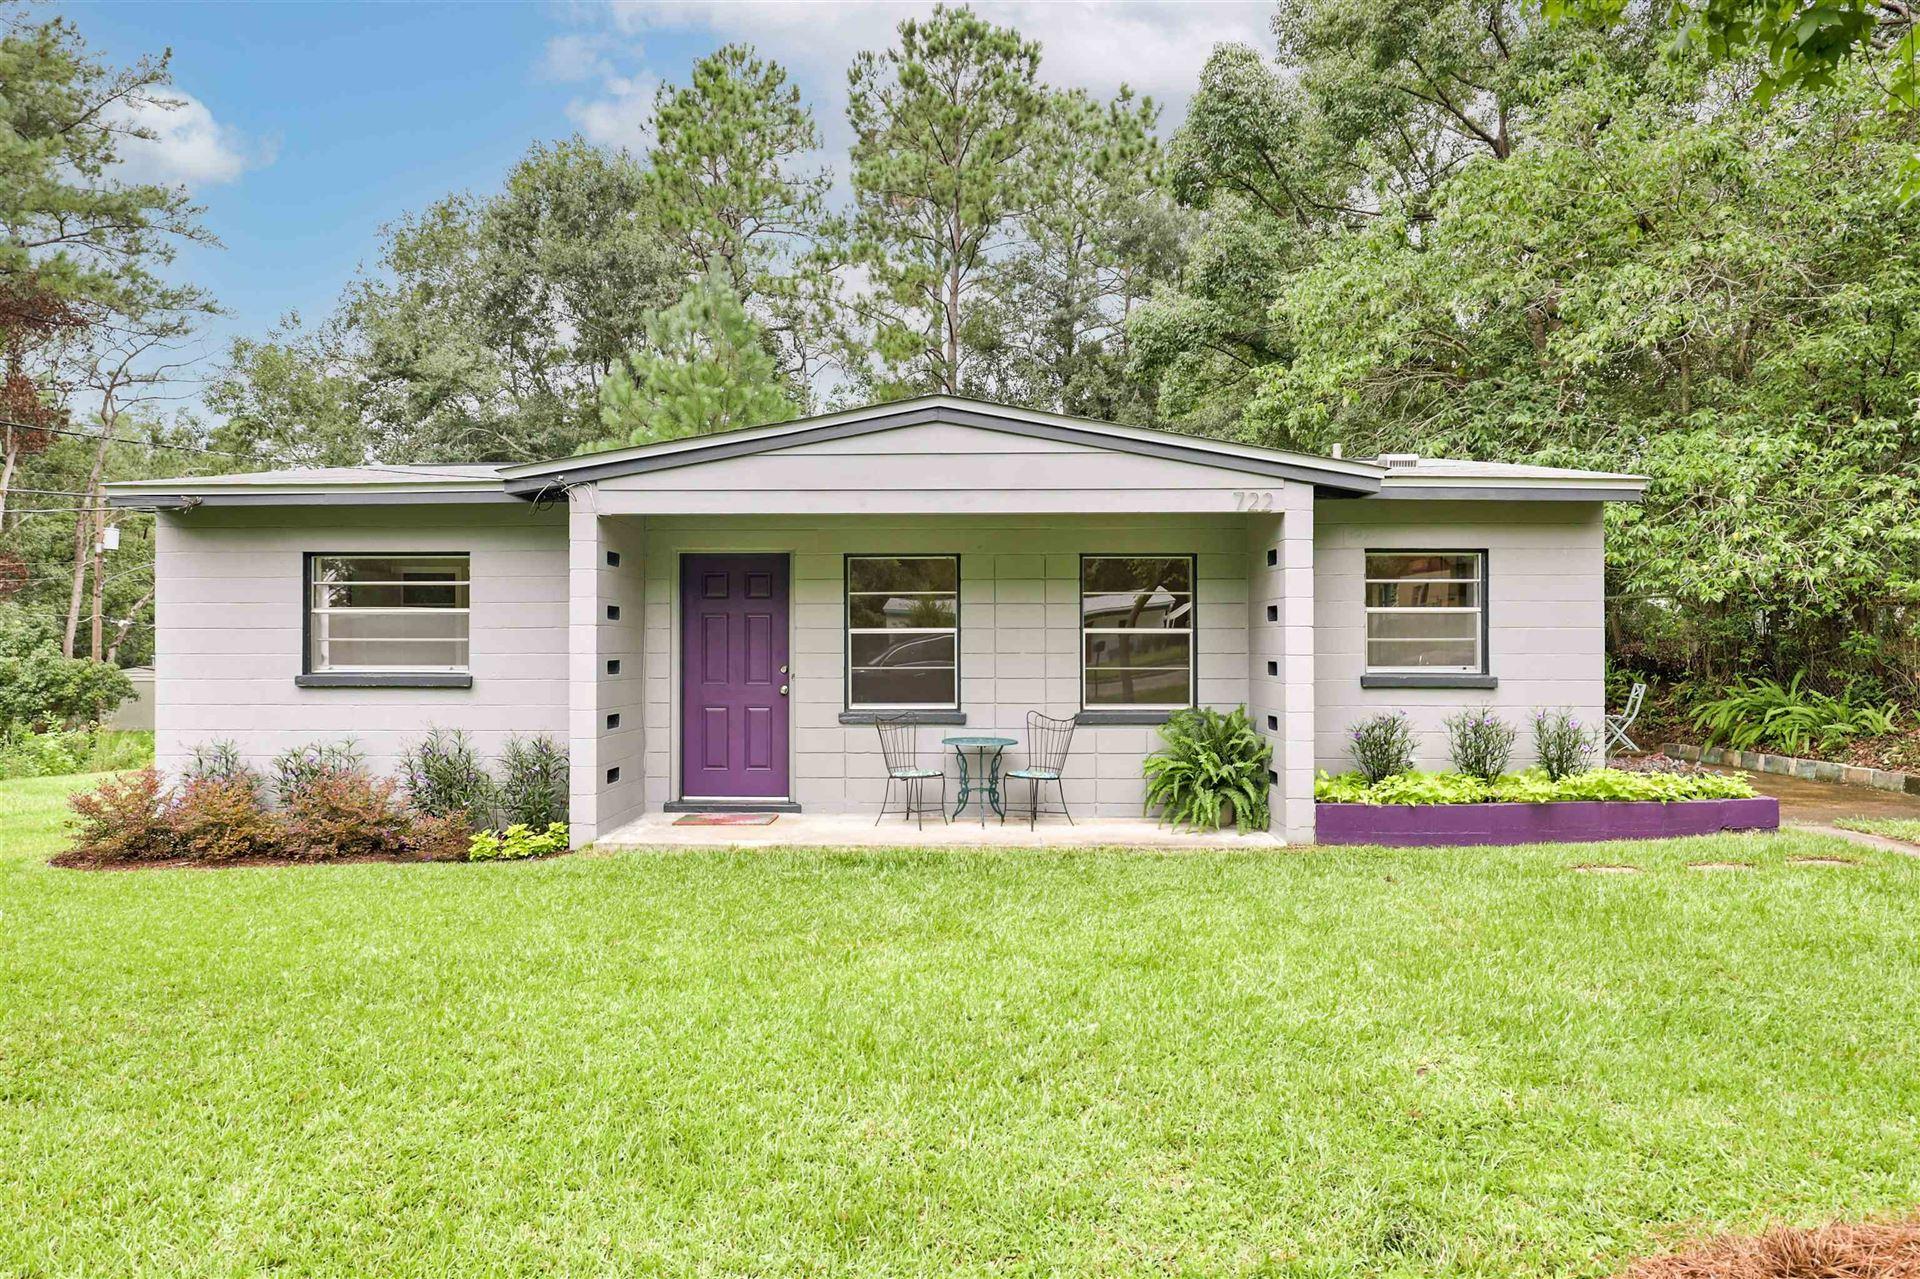 722 Simmons Street, Tallahassee, FL 32303 - MLS#: 336774